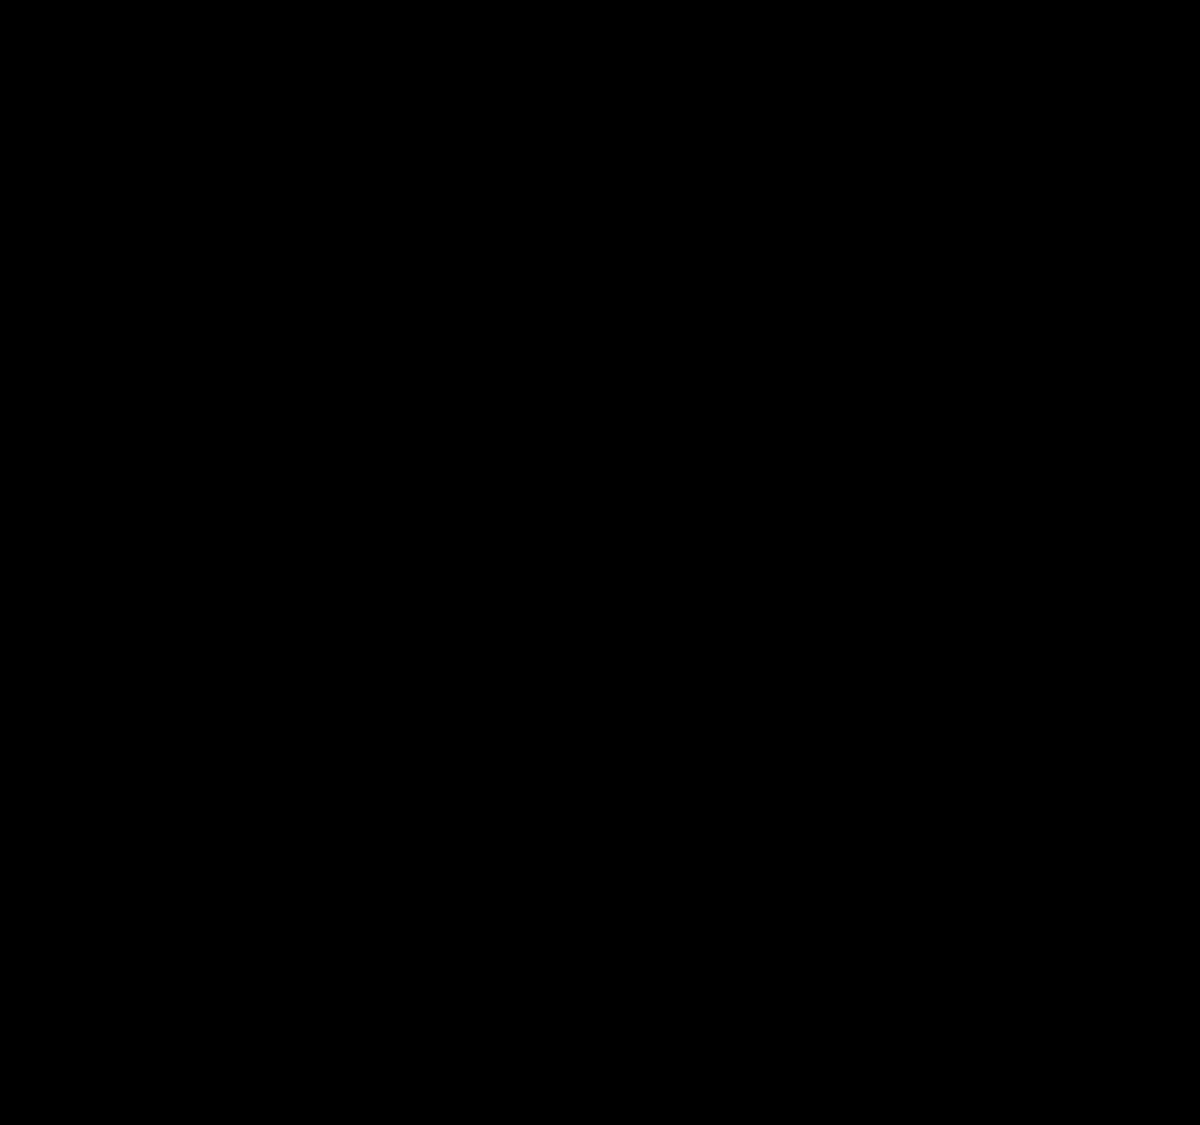 〈三階菱〉